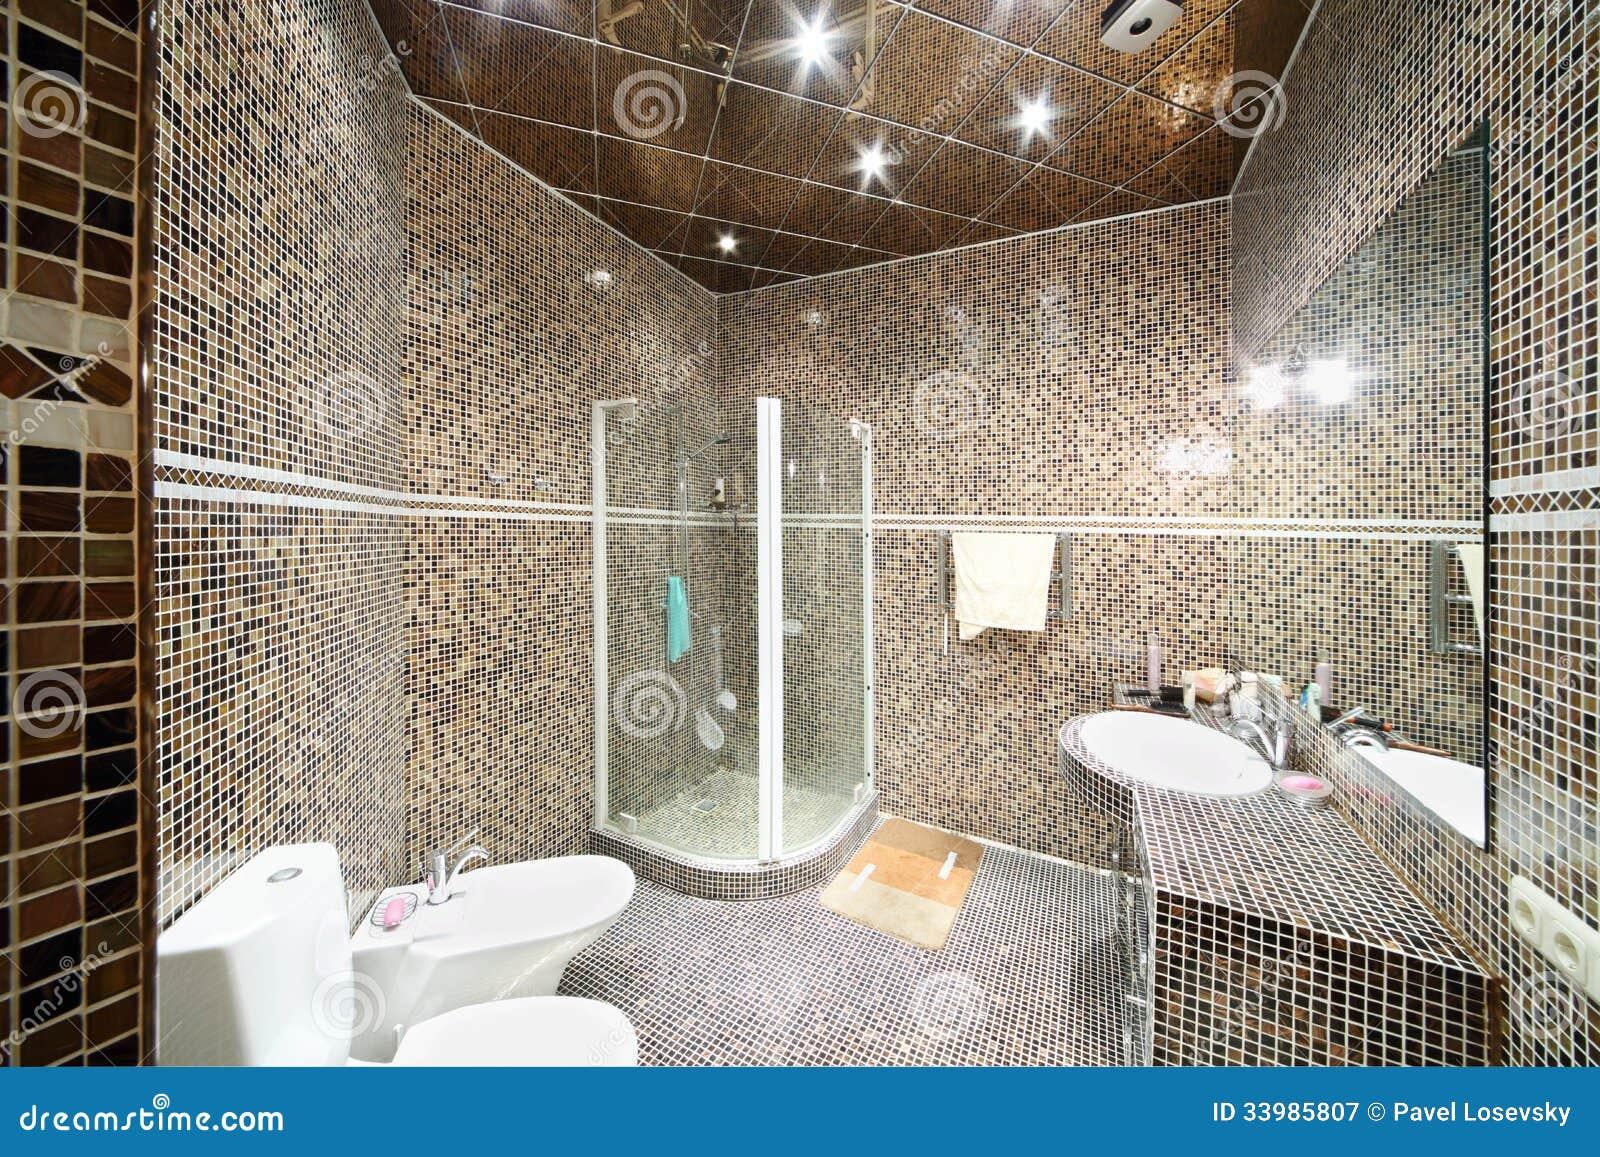 petite salle de bains avec l 39 unit de douche photographie stock libre de droits image 33985807